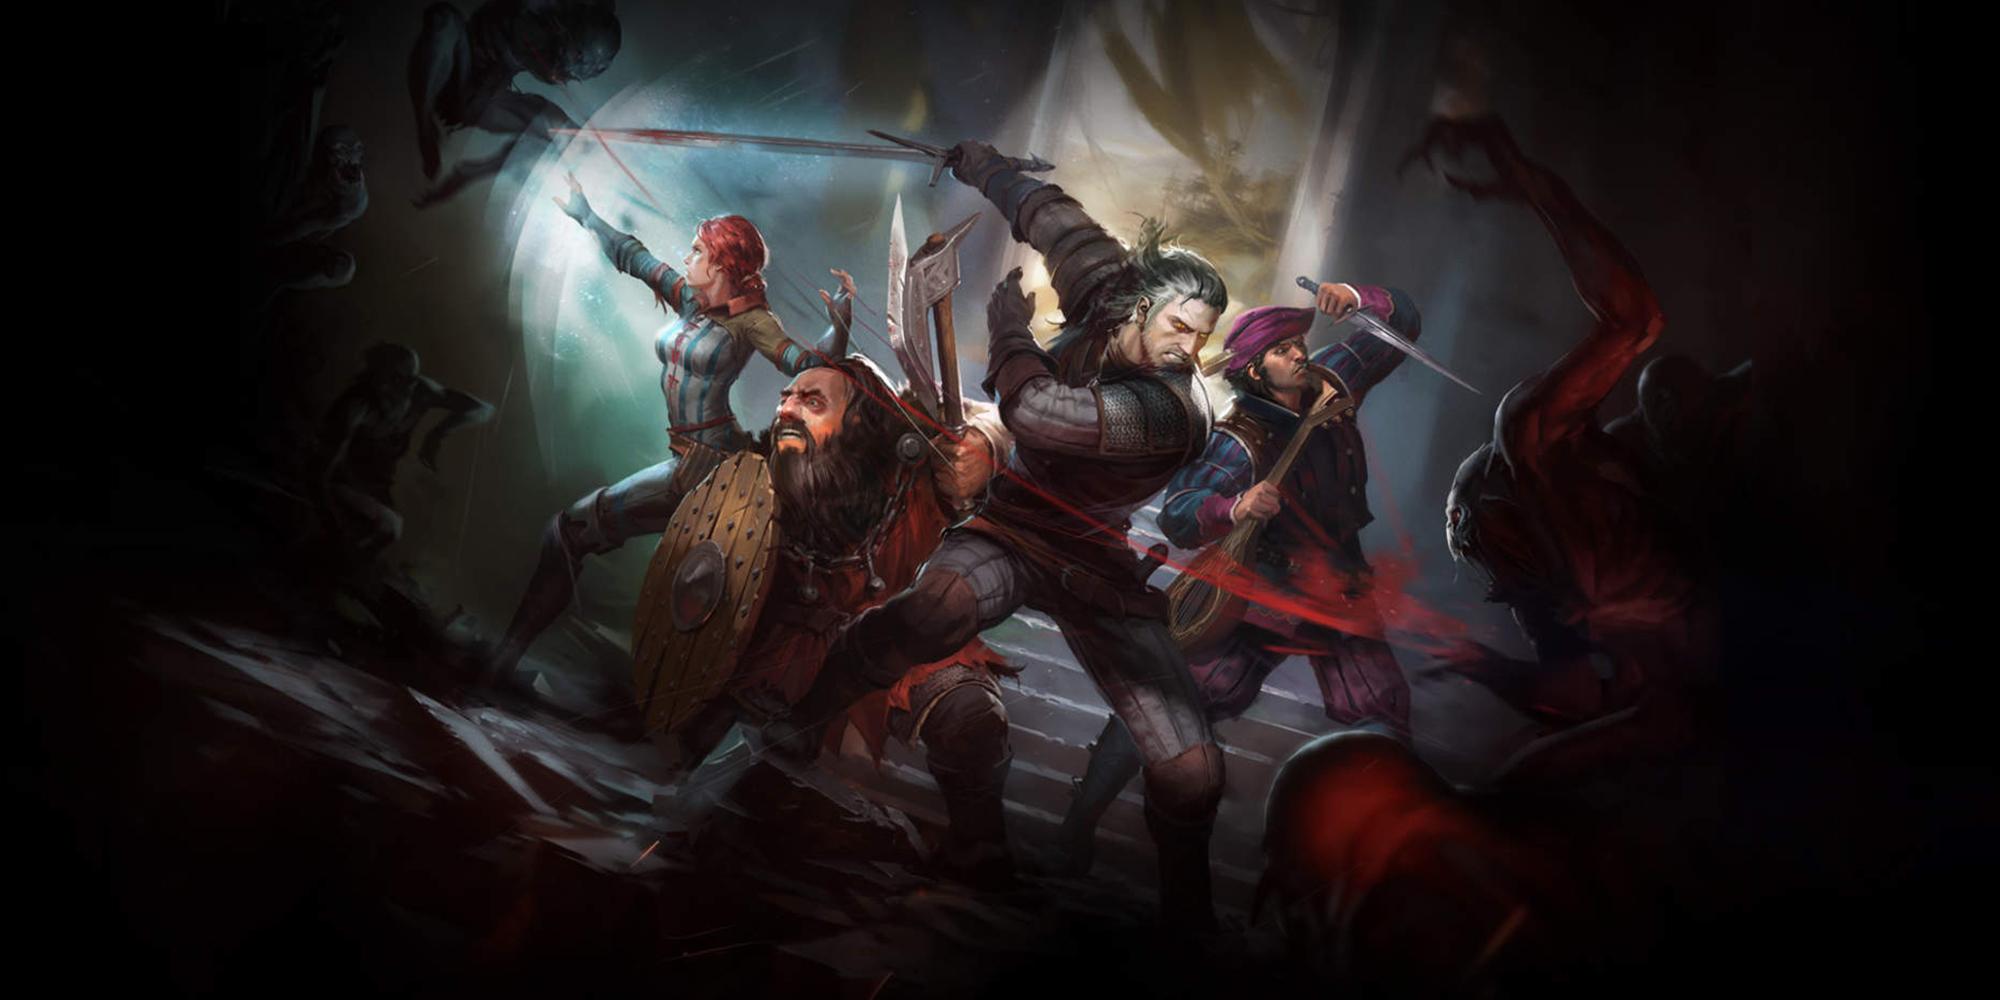 بازی رومیزی The Witcher Adventure Game